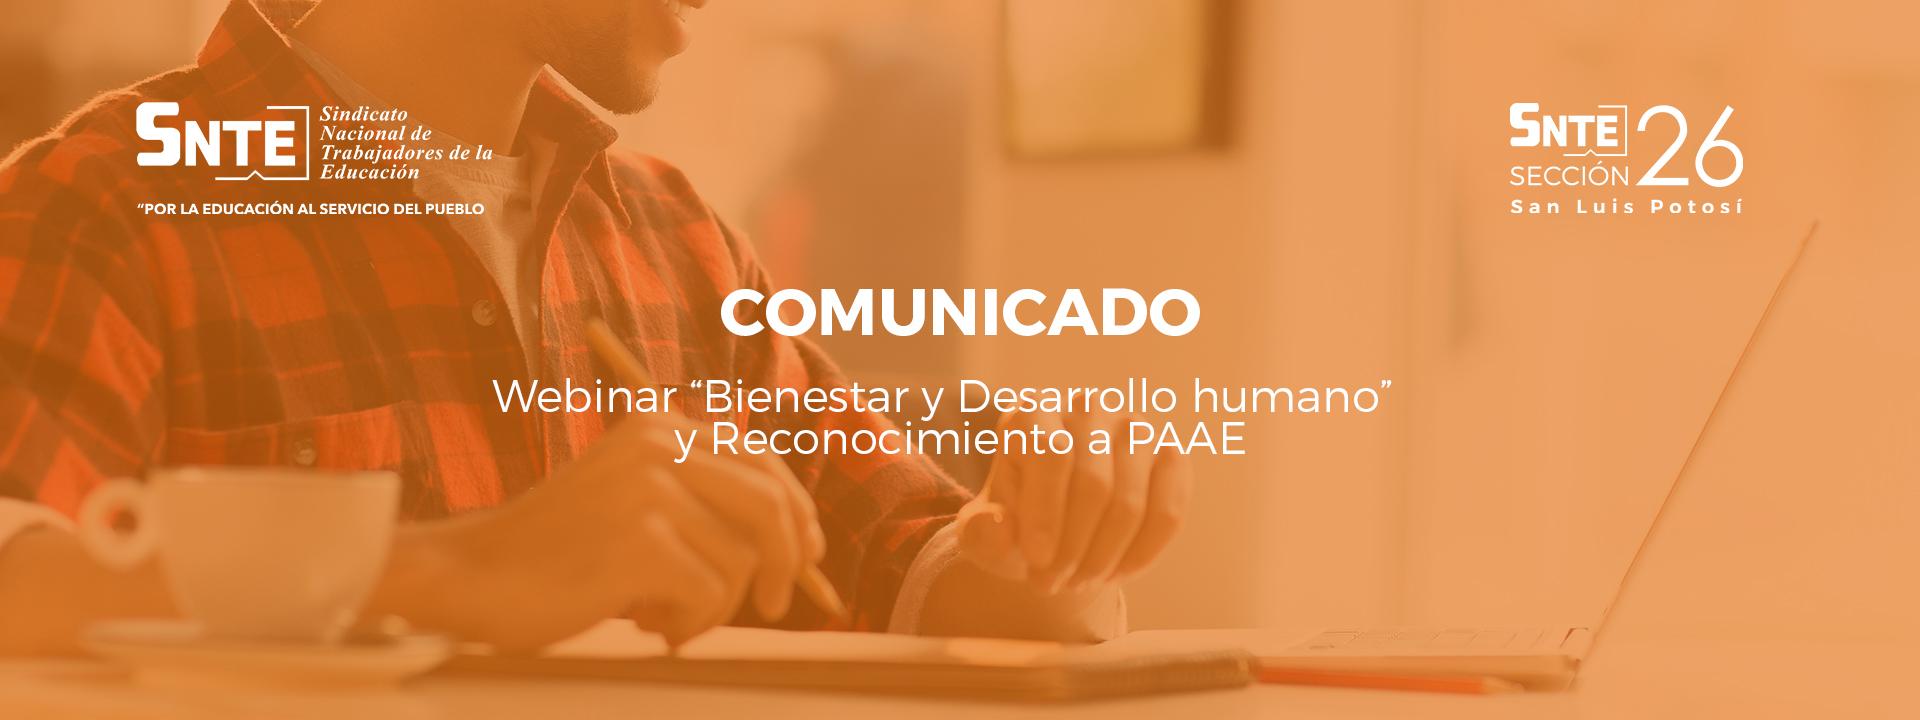 """COMUNICADO   Webinar """"Bienestar y Desarrollo humano"""" y Reconocimiento a PAAE"""